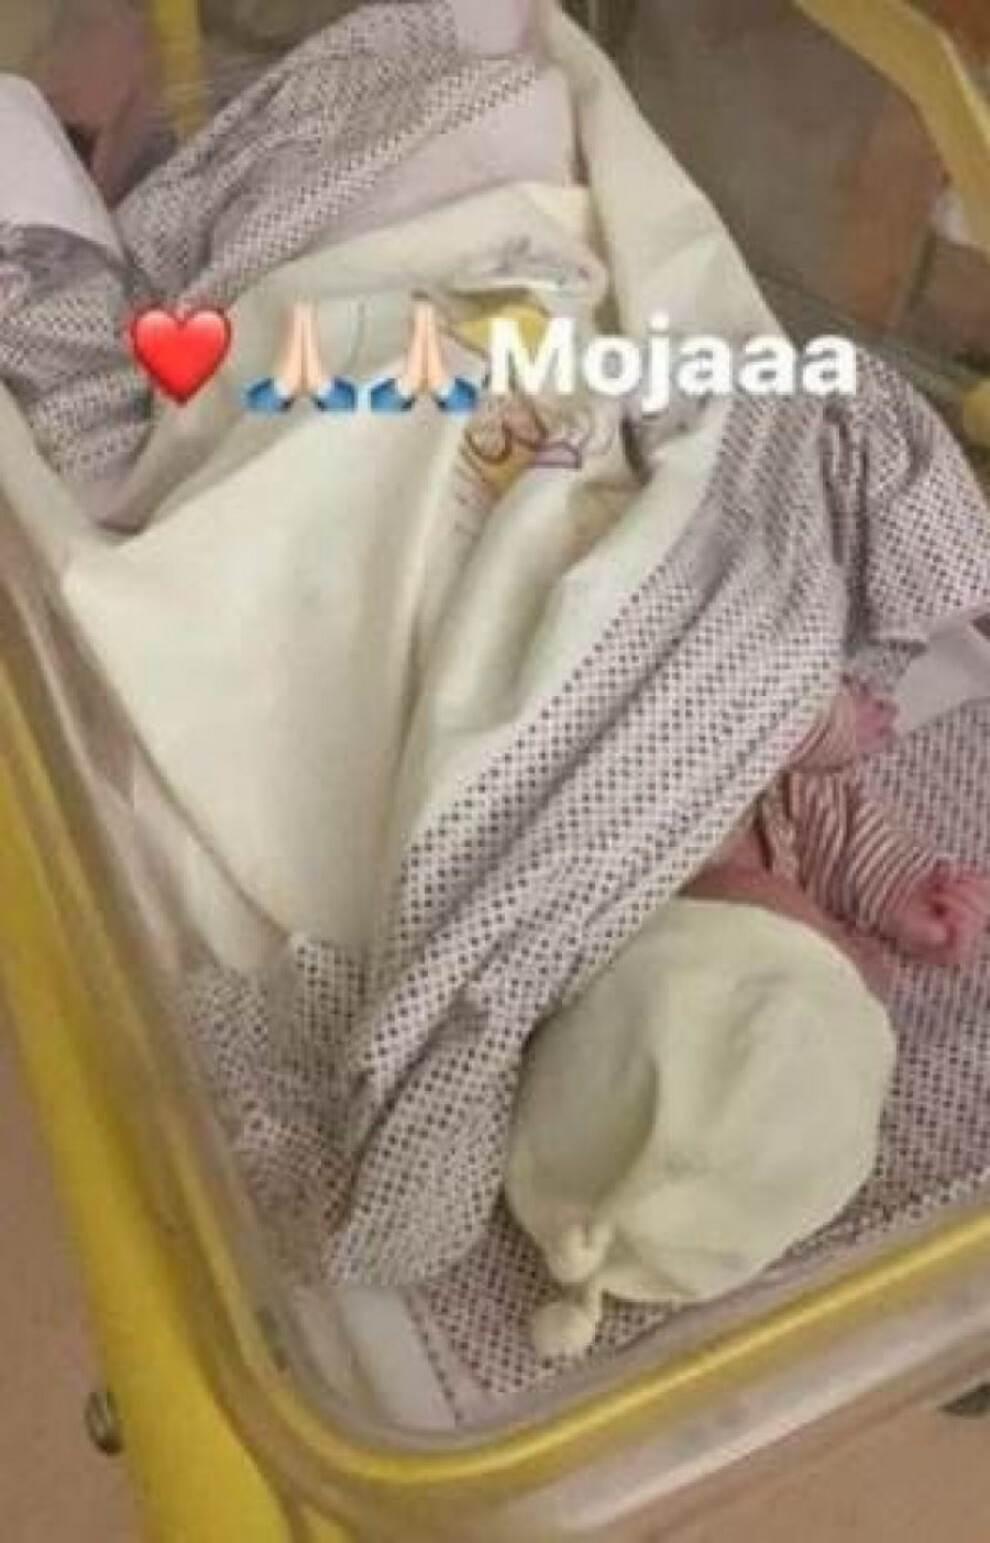 ljuba jovanovic postao tata